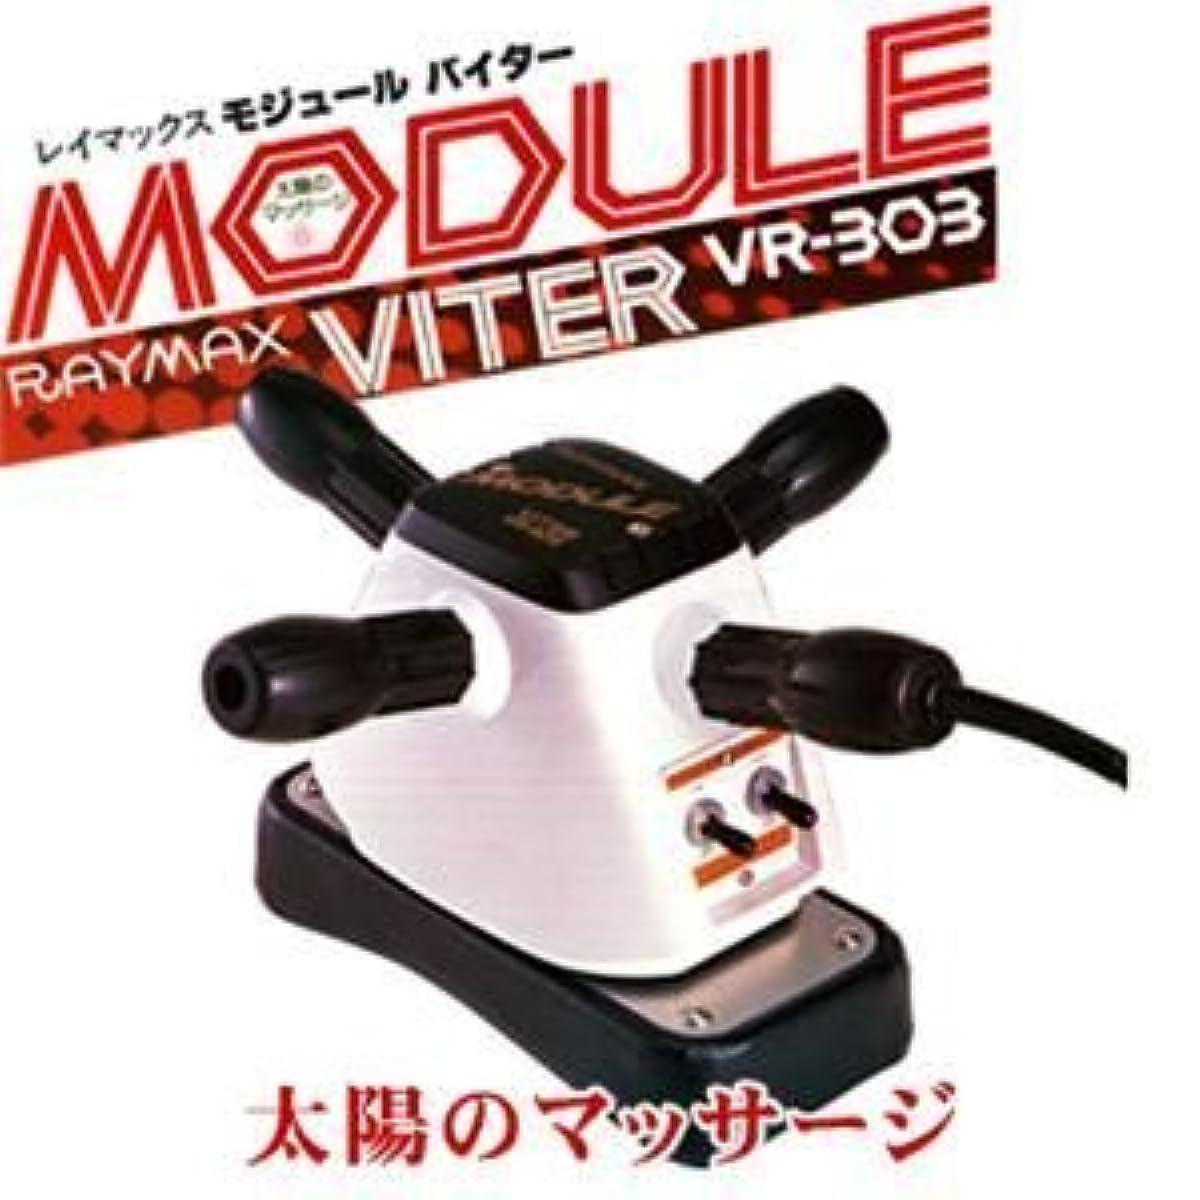 ショッキング記念碑的な小学生RAYMAX(レイマックス) モジュールバイター VR-303